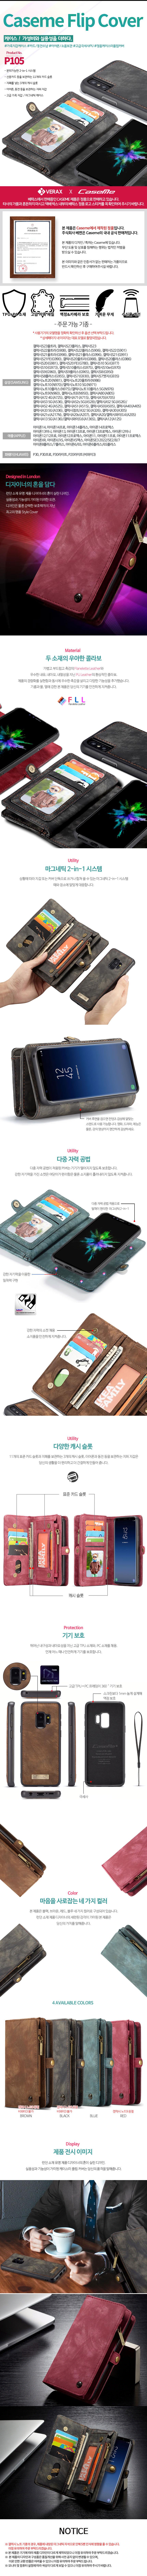 아이폰XR CASEME 정품 마그네틱 지갑 가죽케이스 (P105) - 베락스, 27,300원, 케이스, 아이폰XR